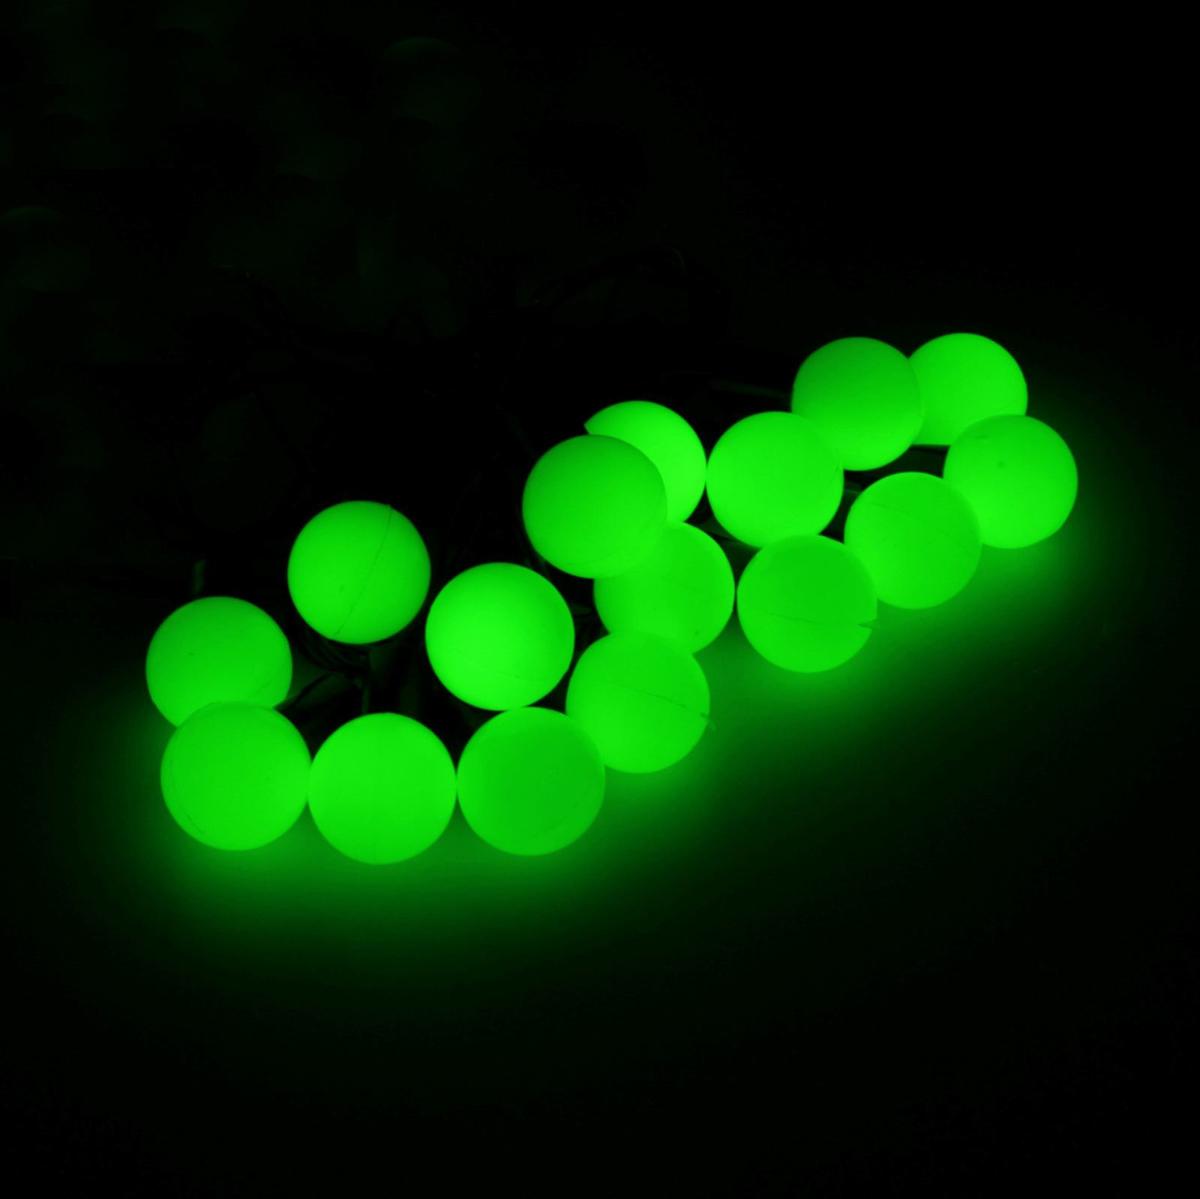 Гирлянда светодиодная Luazon Метраж. Шарики, уличная с насадкой, 8 режимов, 50 ламп, 220 V, 6 м, цвет: зеленый. 538715538715Светодиодные гирлянды, ленты и т.д. — это отличный вариант для новогоднего оформления интерьера или фасада. С их помощью помещение любого размера можно превратить в праздничный зал, а внешние элементы зданий, украшенные ими, мгновенно станут напоминать очертания сказочного дворца. Такие украшения создают ауру предвкушения чуда. Деревья, фасады, витрины, окна и арки будто специально созданы, чтобы вы украсили их светящимися нитями.